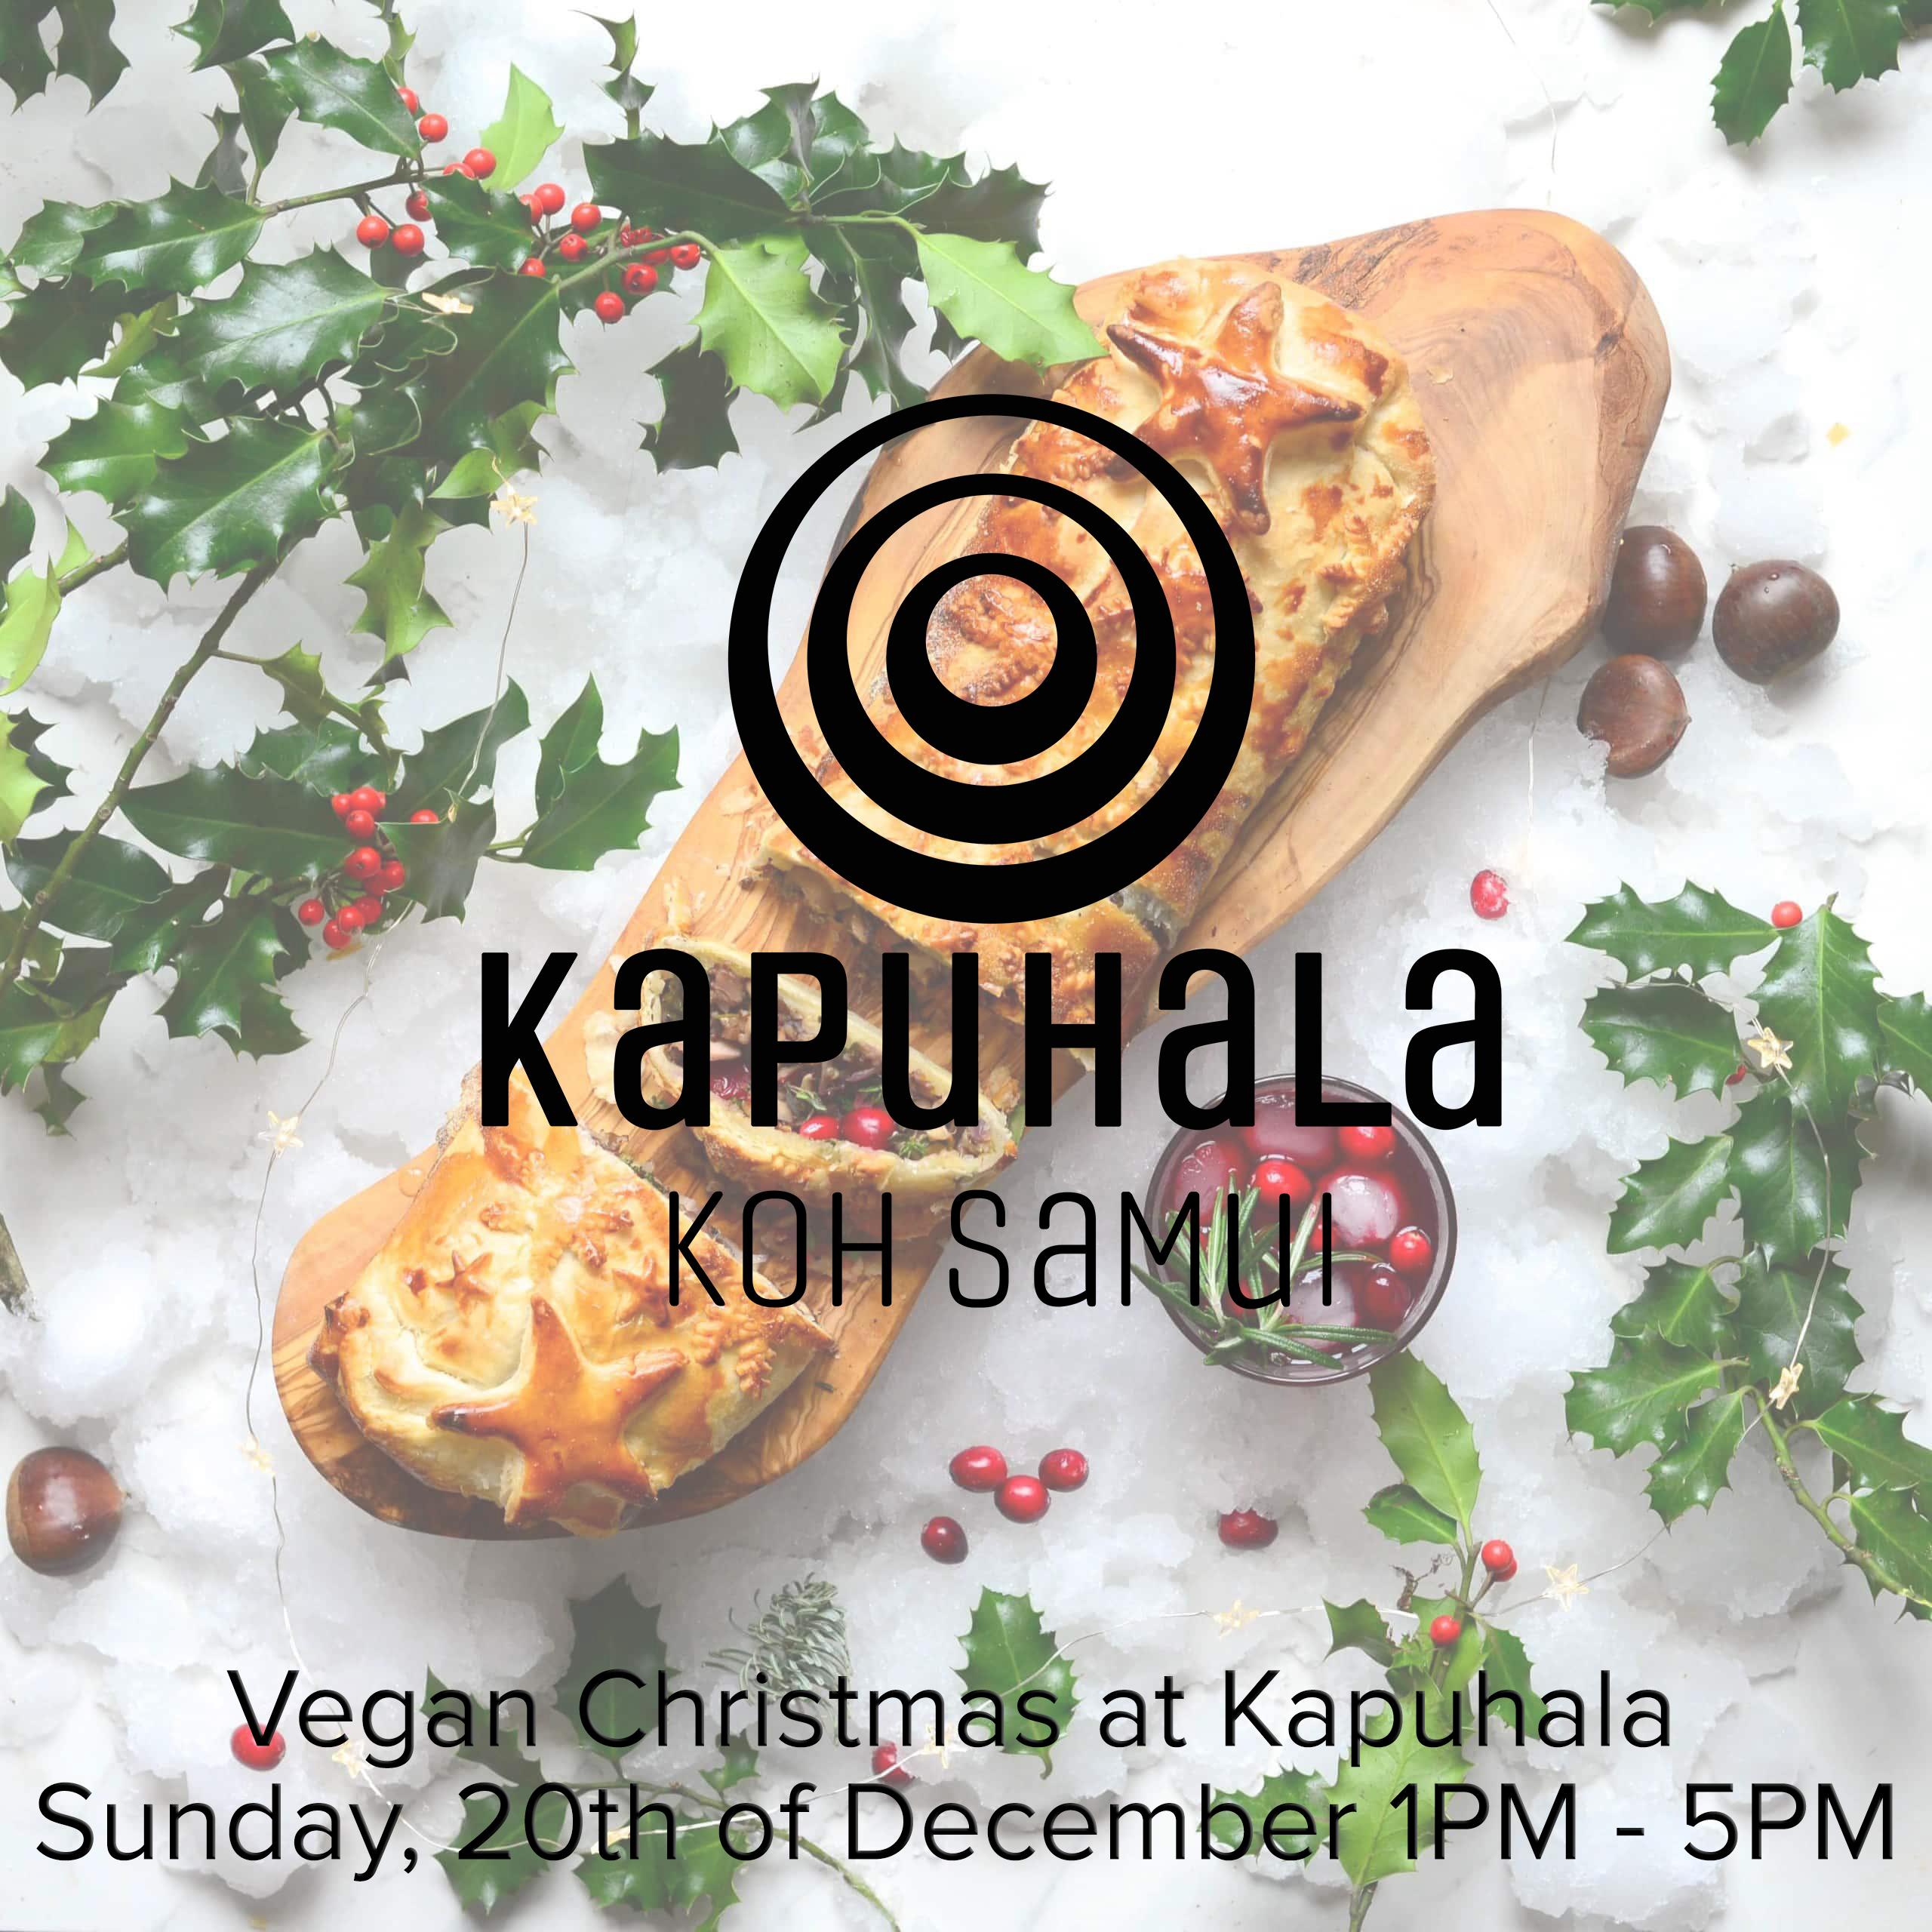 Vegan Kapuhala Christmas